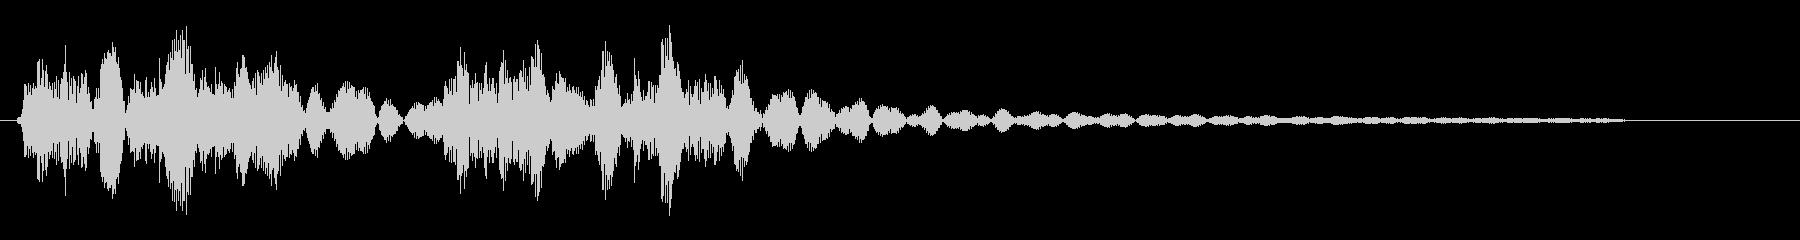 チャランチャラン(コミカル)の未再生の波形